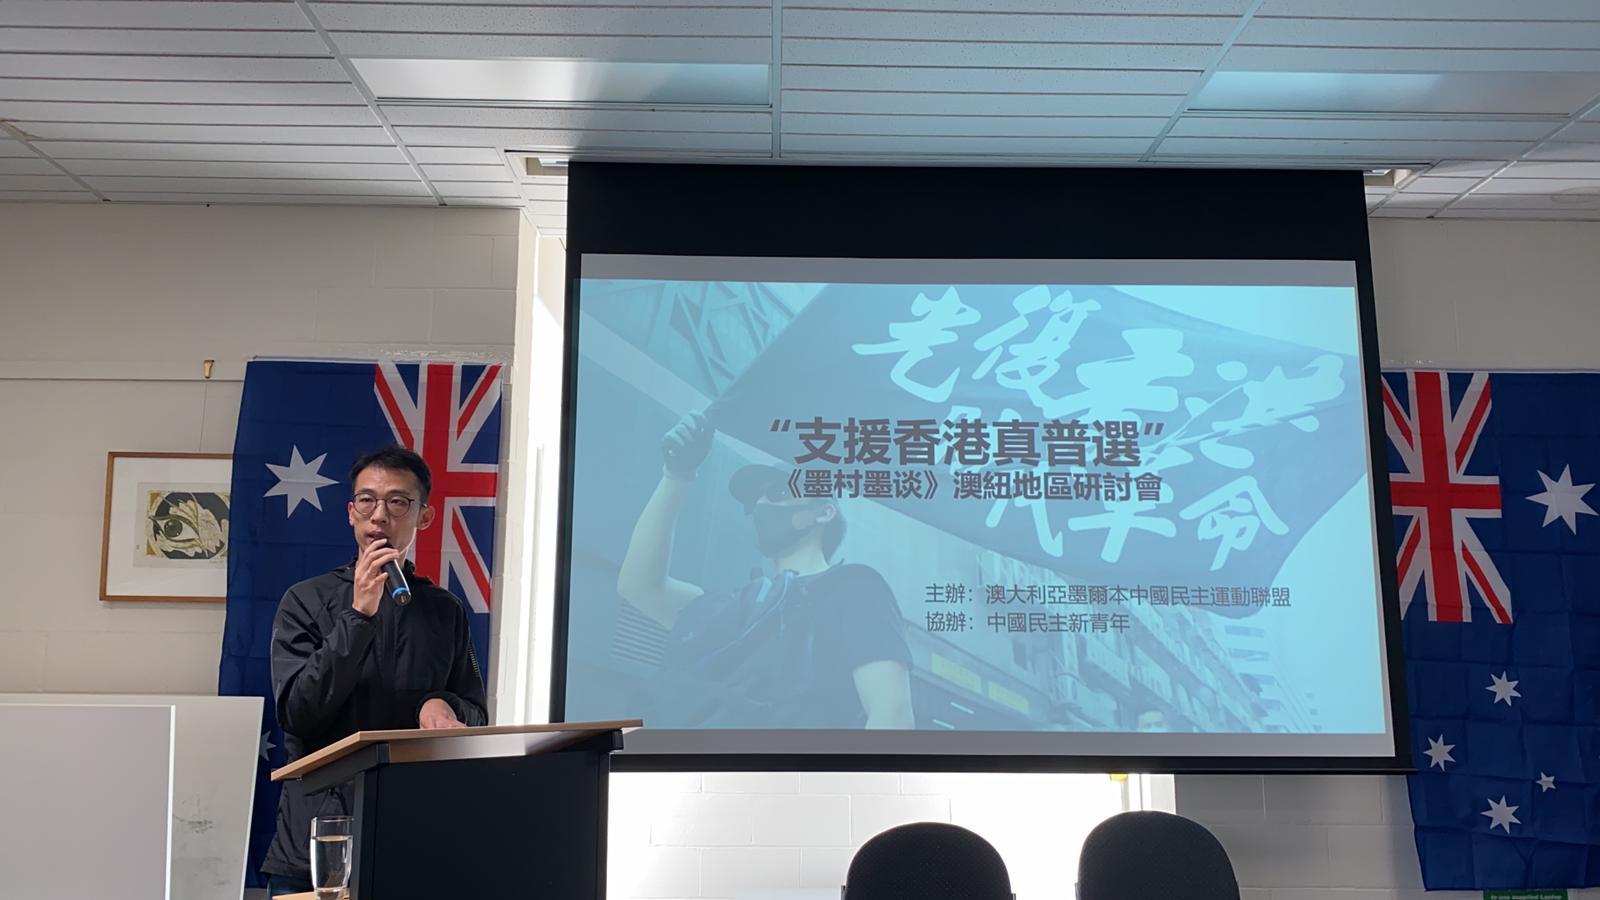 2019年12月15日下午,《墨村墨談》澳紐地區研討會在墨爾本博士山圖書館會議室舉行。(Peter Li/大紀元)